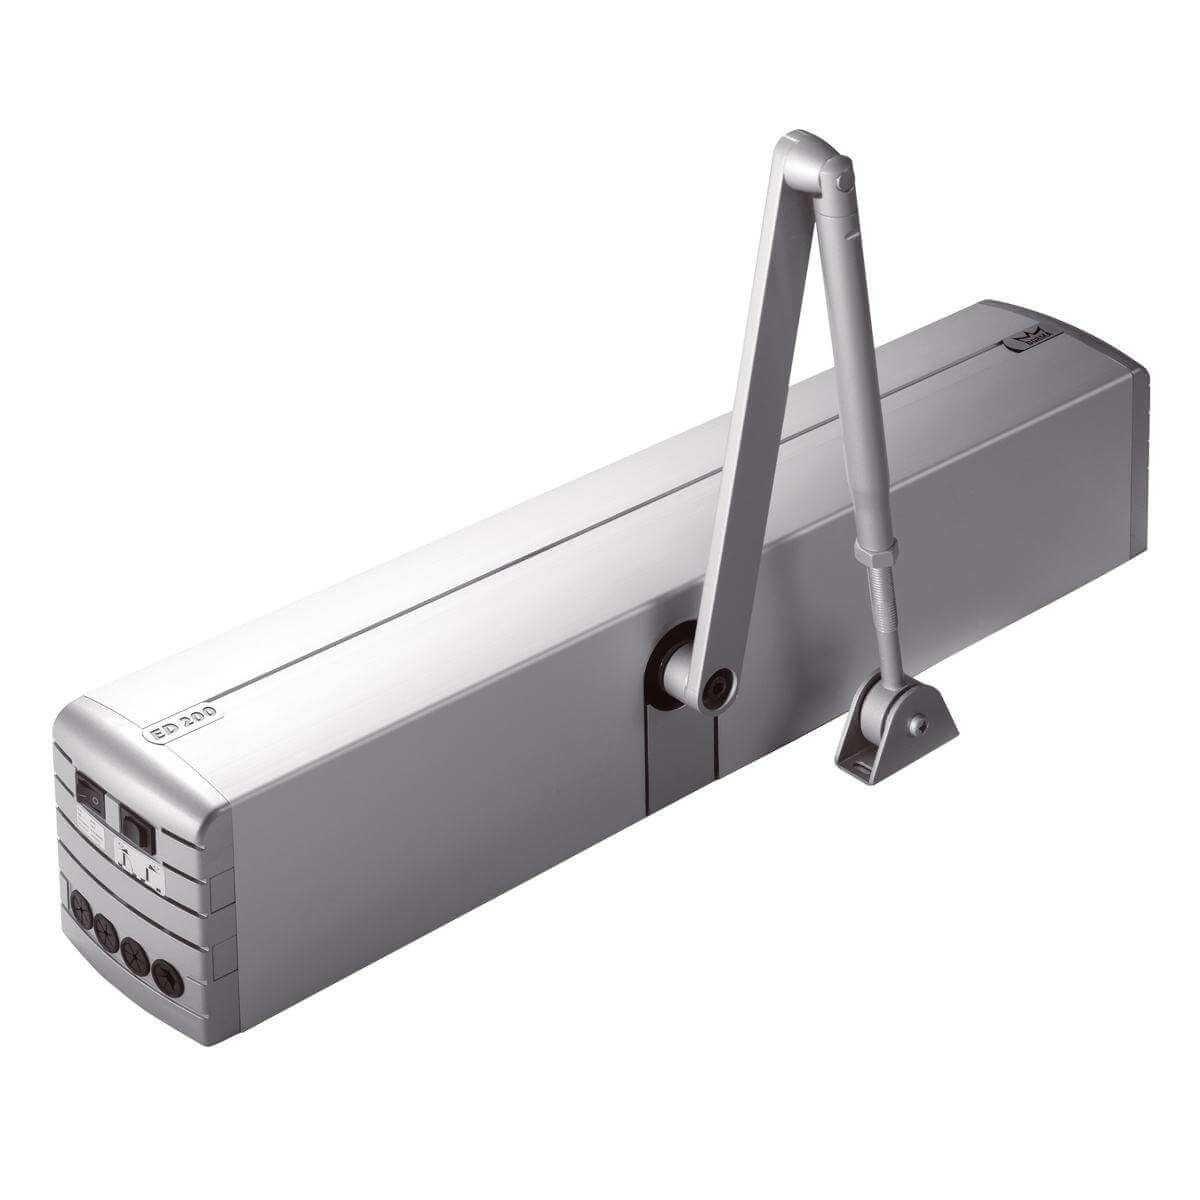 На картинке изображен доводчик для скольжения дверей